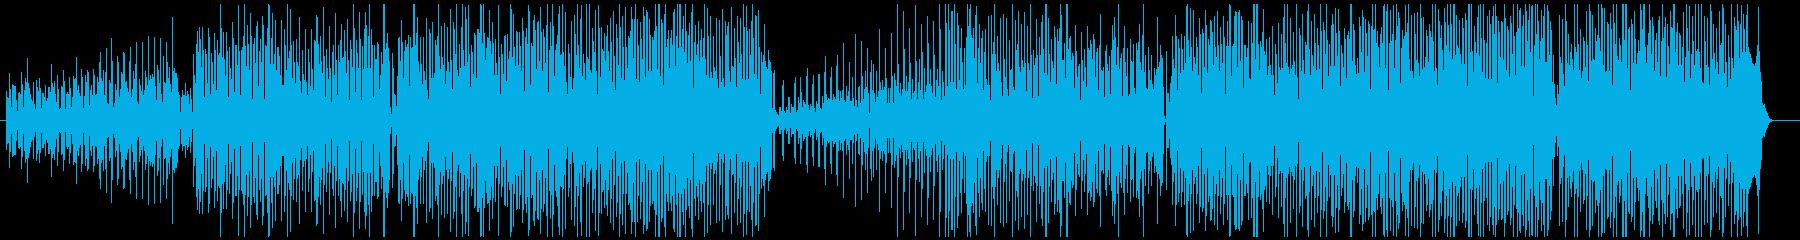 フュージョン ジャズ ハウス ダン...の再生済みの波形